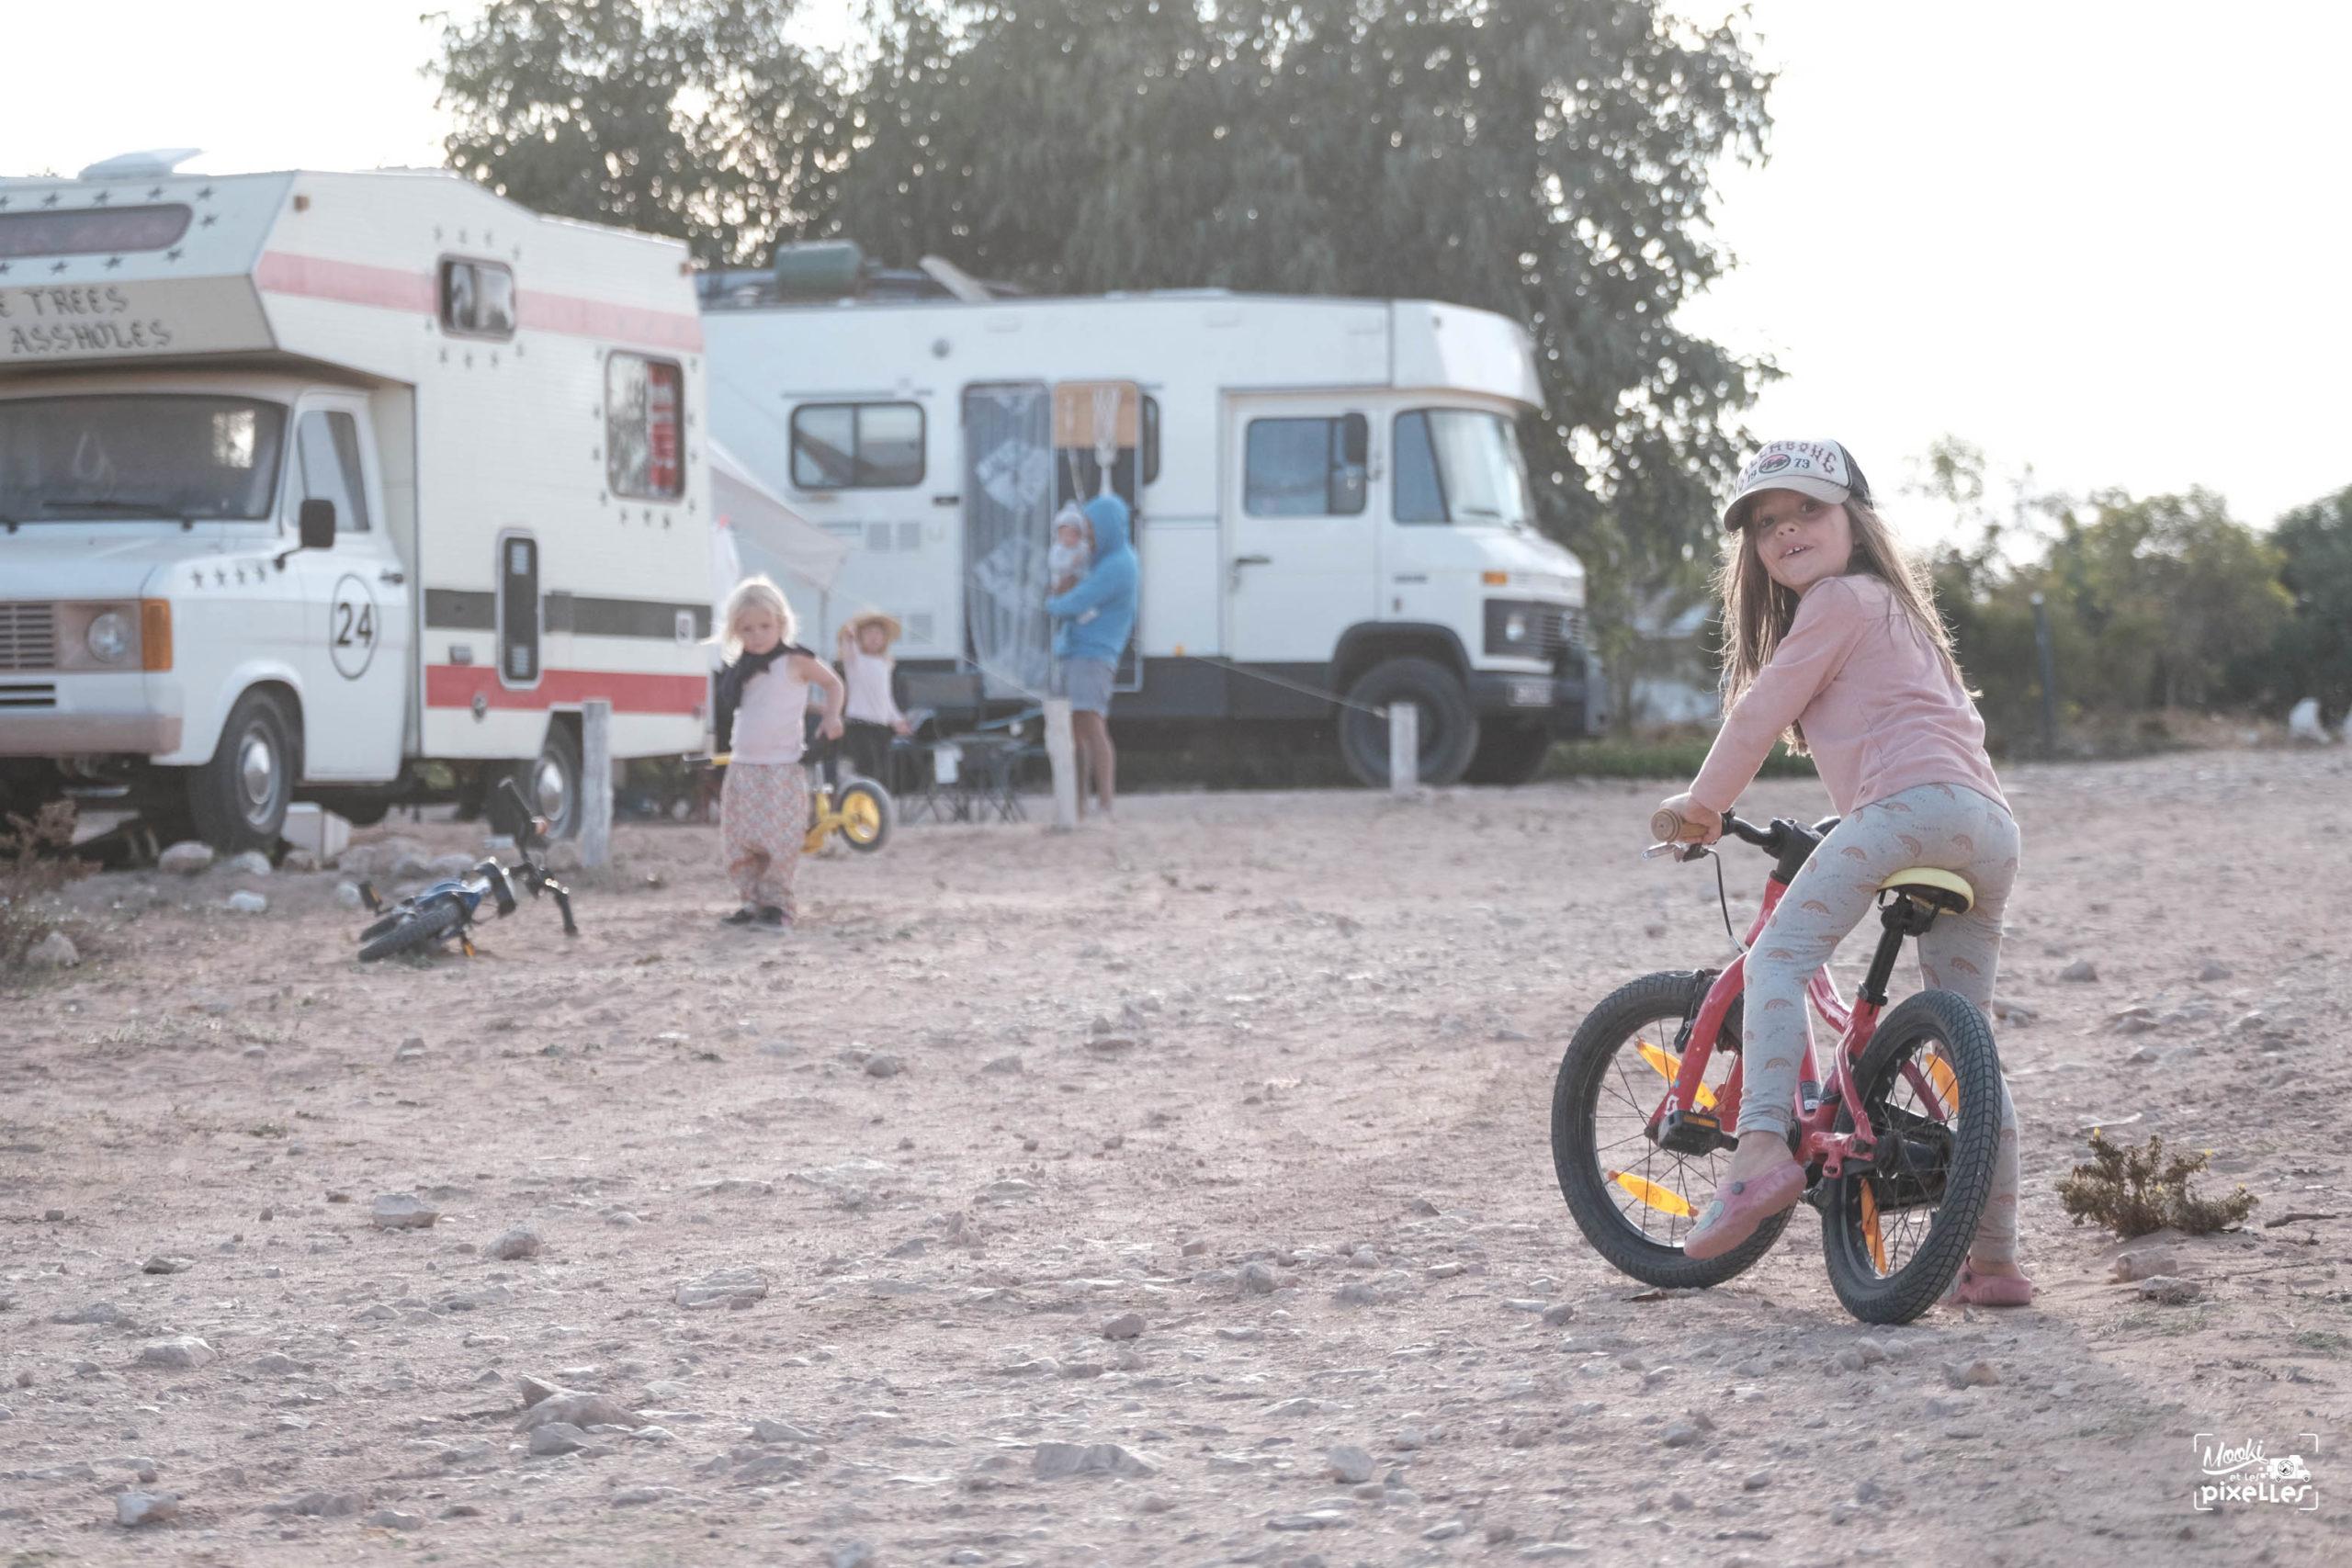 Les enfants s'amusent avec leurs vélos